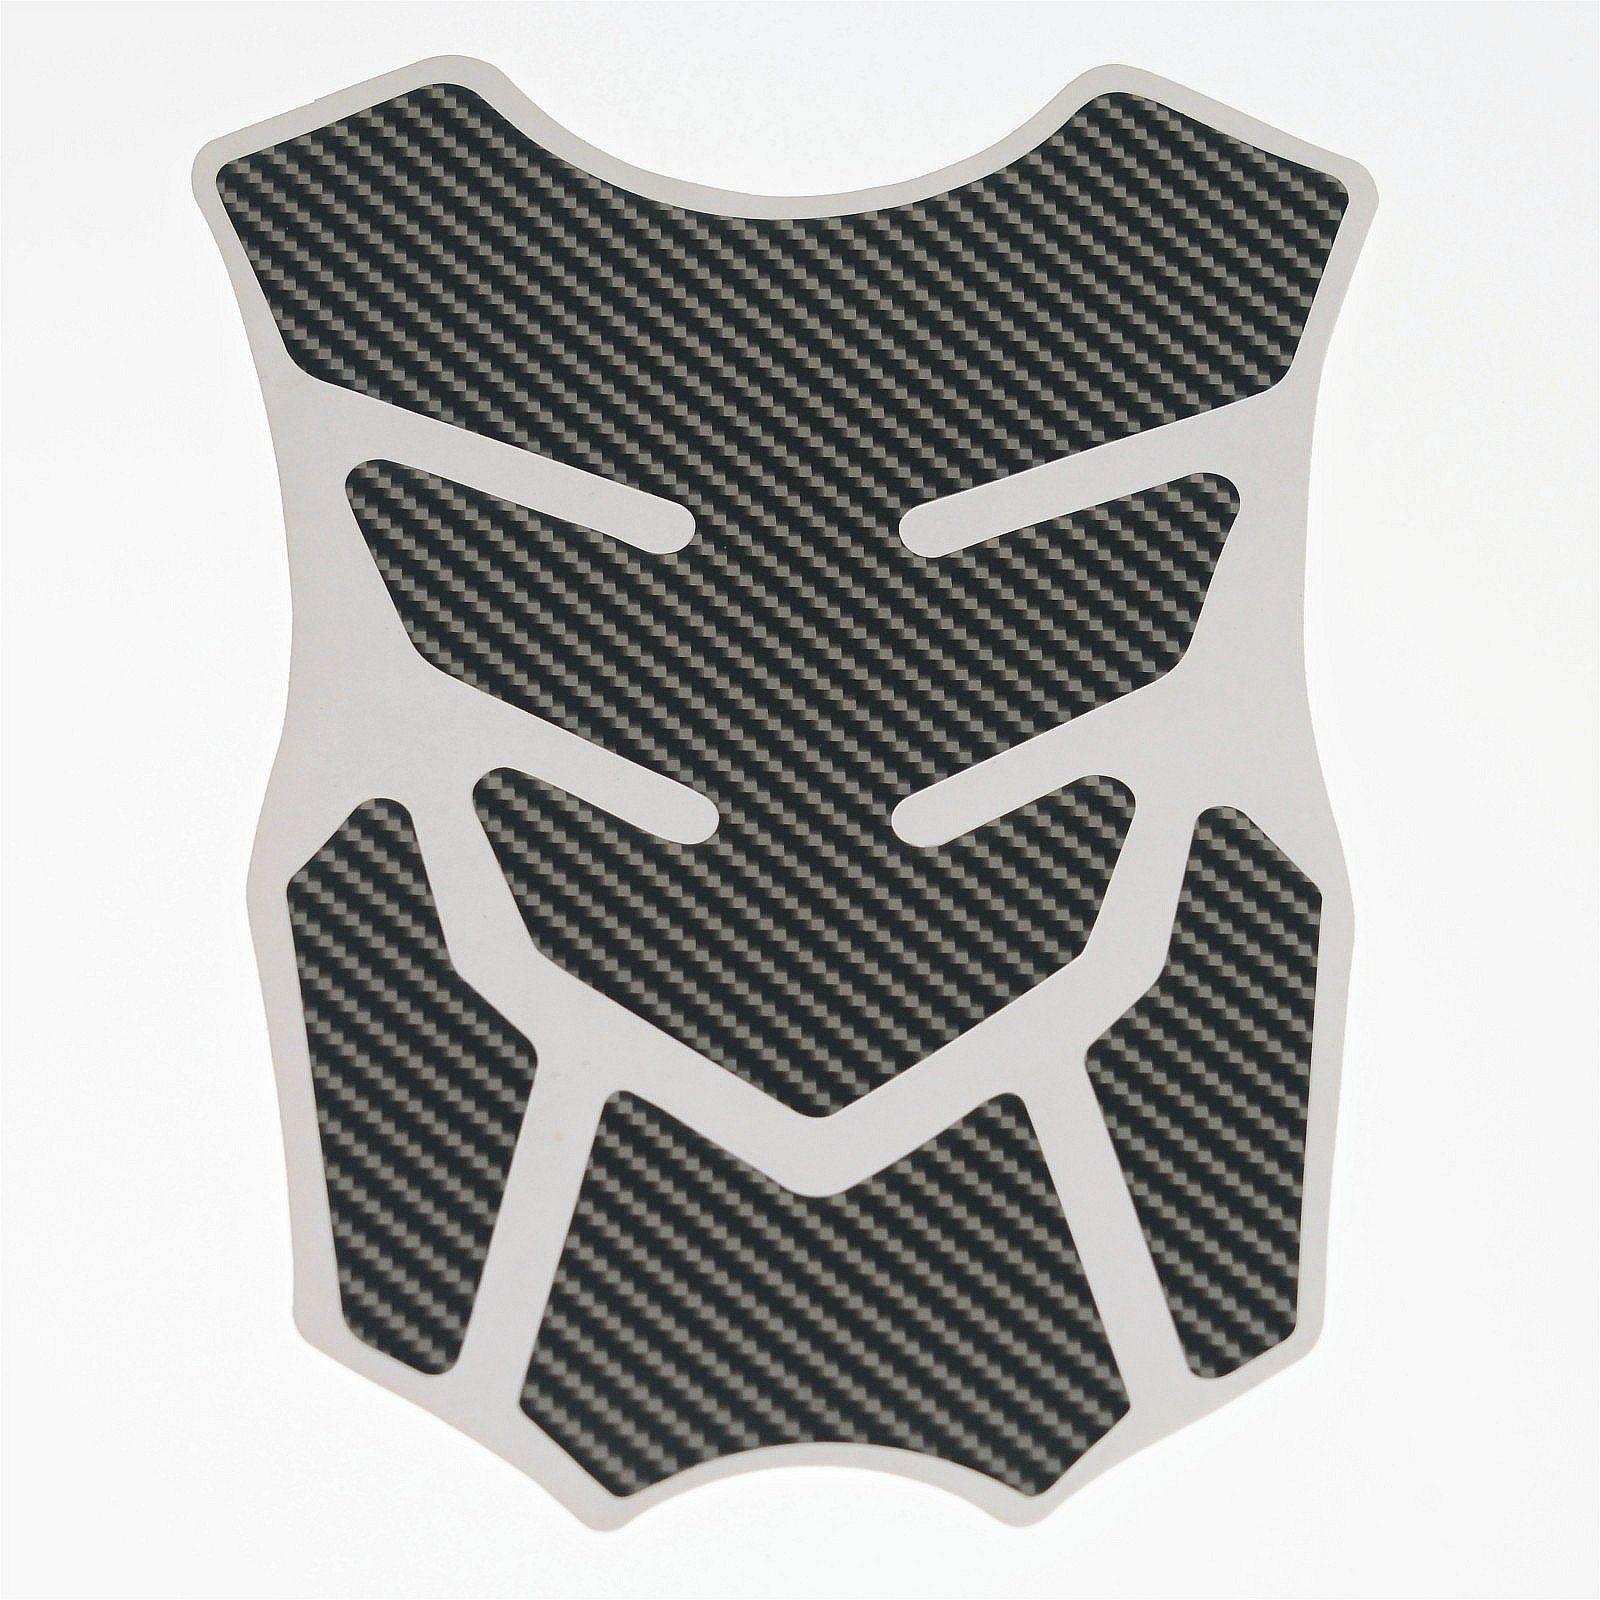 Adesivo Protezione Serbatoio Moto Resina 3D Paraserbatoio Stickers Carbon